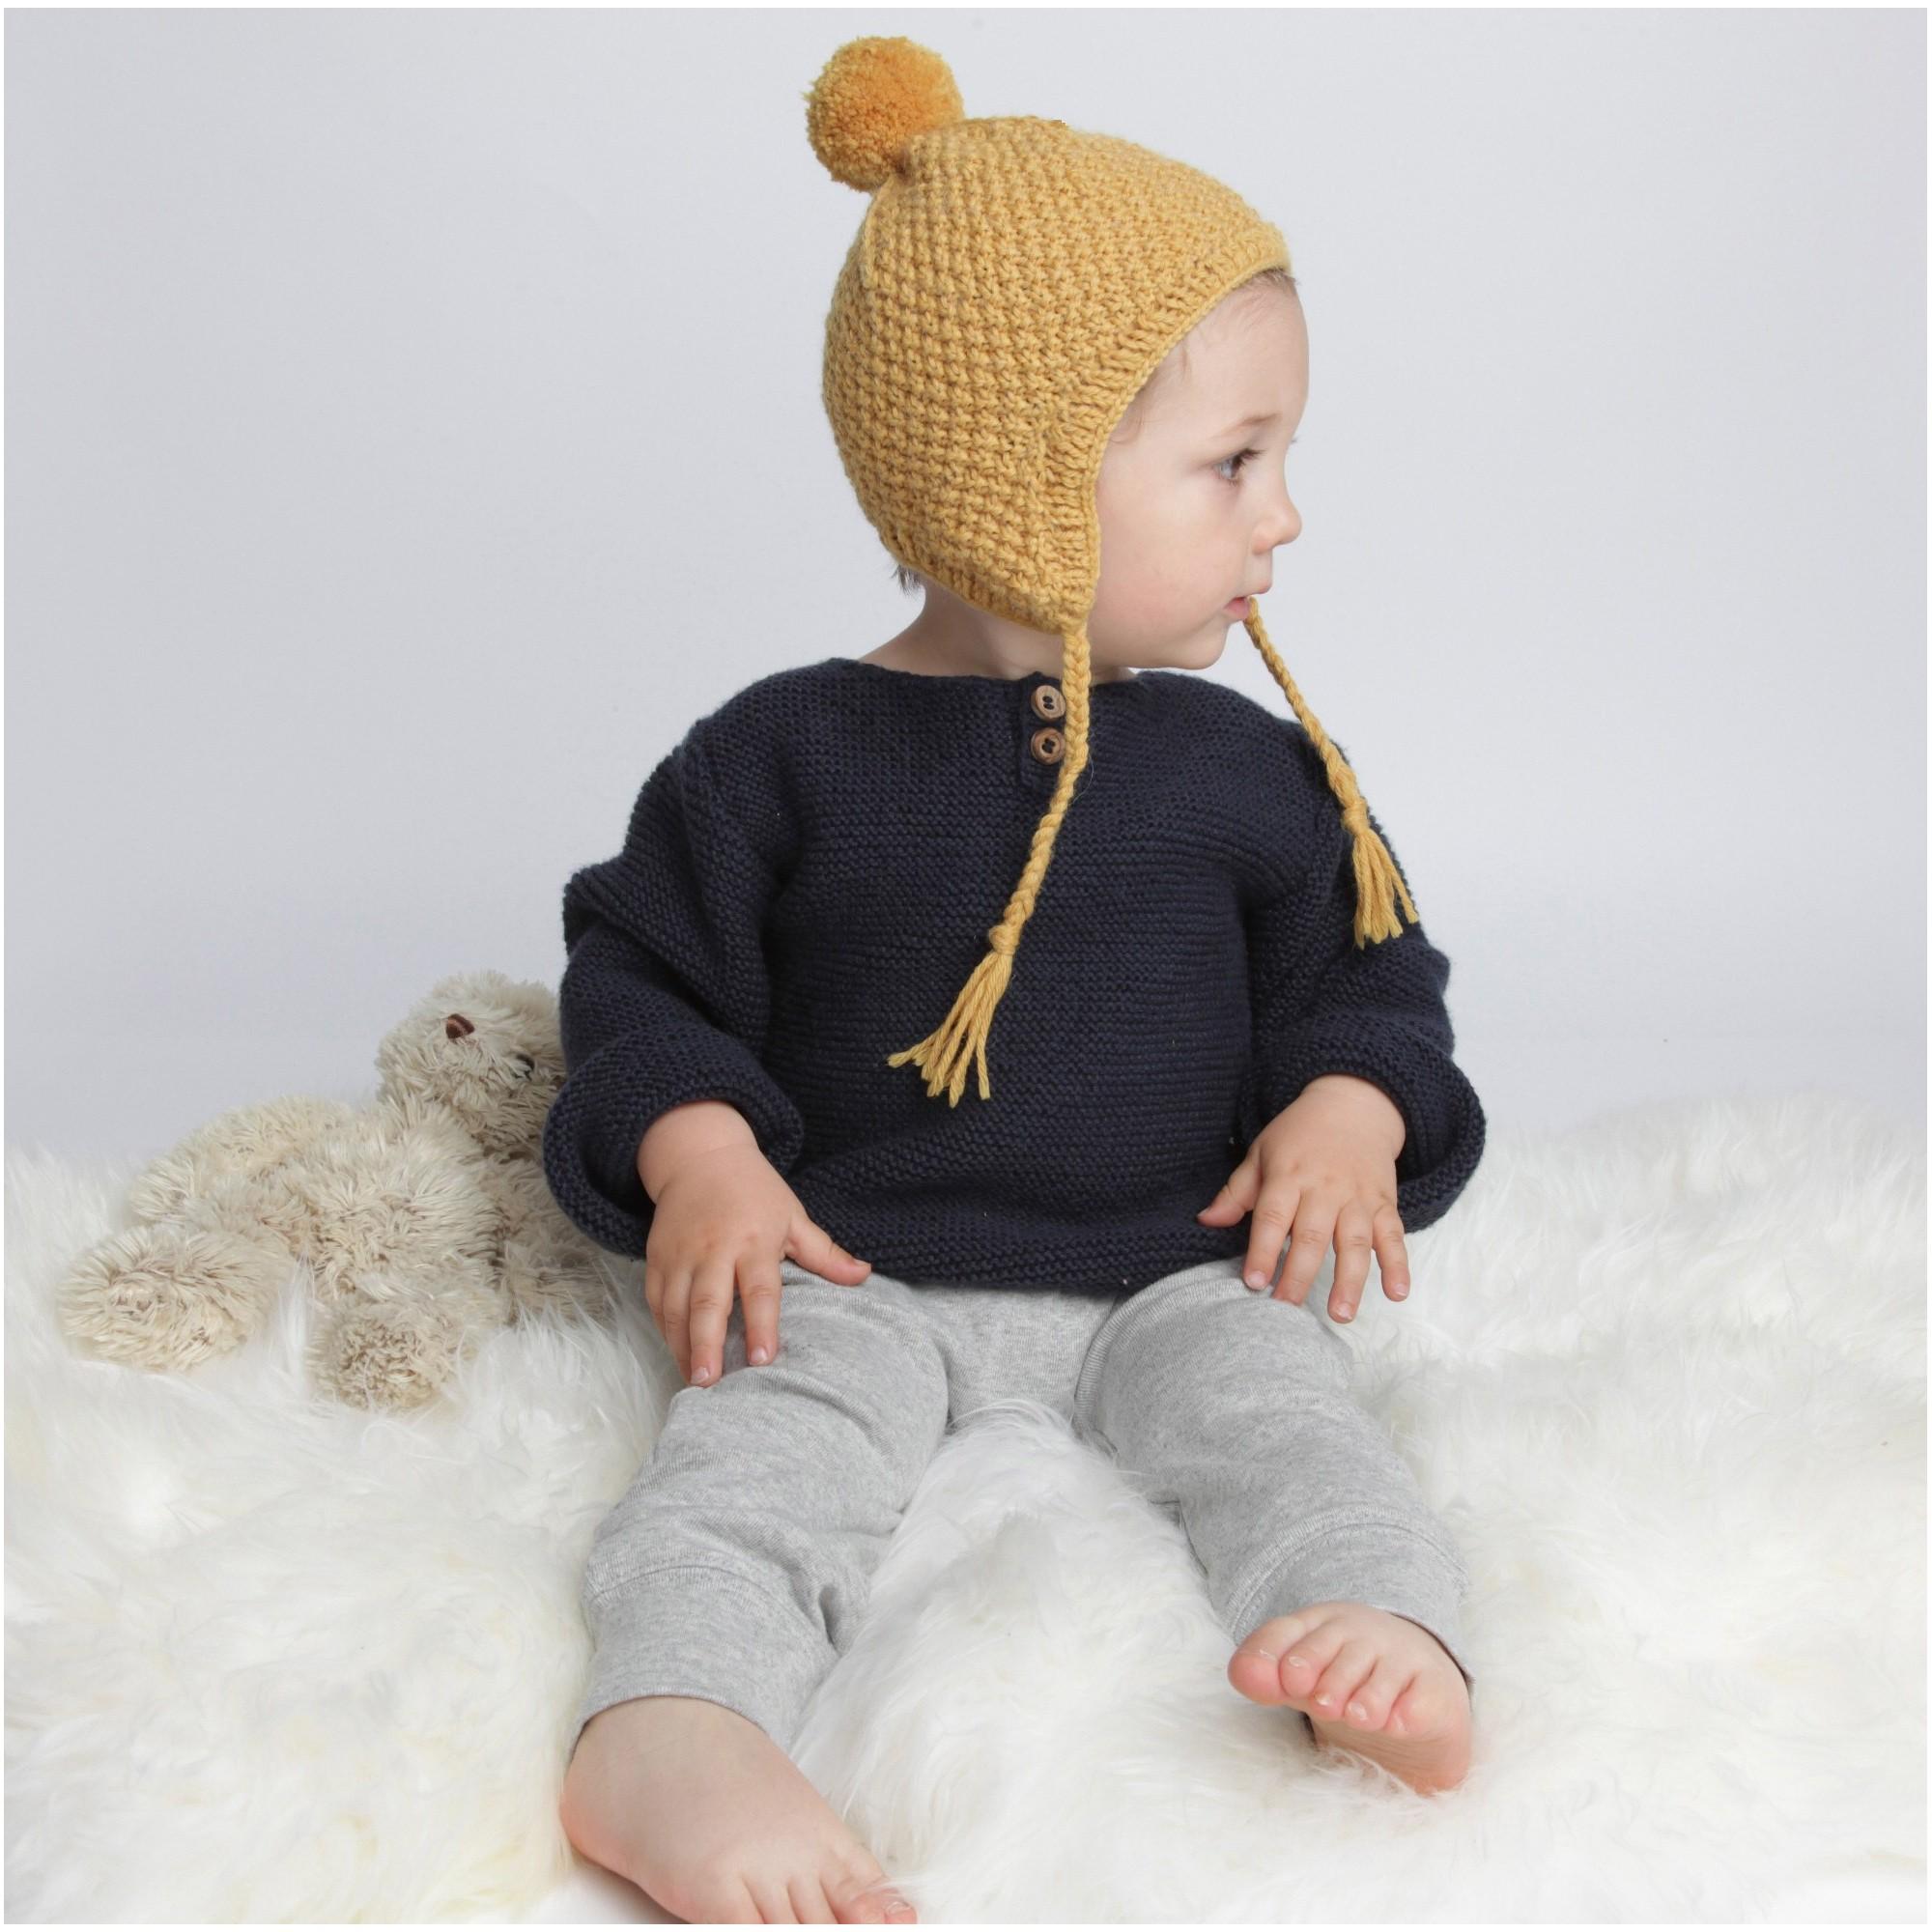 Tricot bonnet avec oreilles - Idées de tricot gratuit 7f807bb9aaa